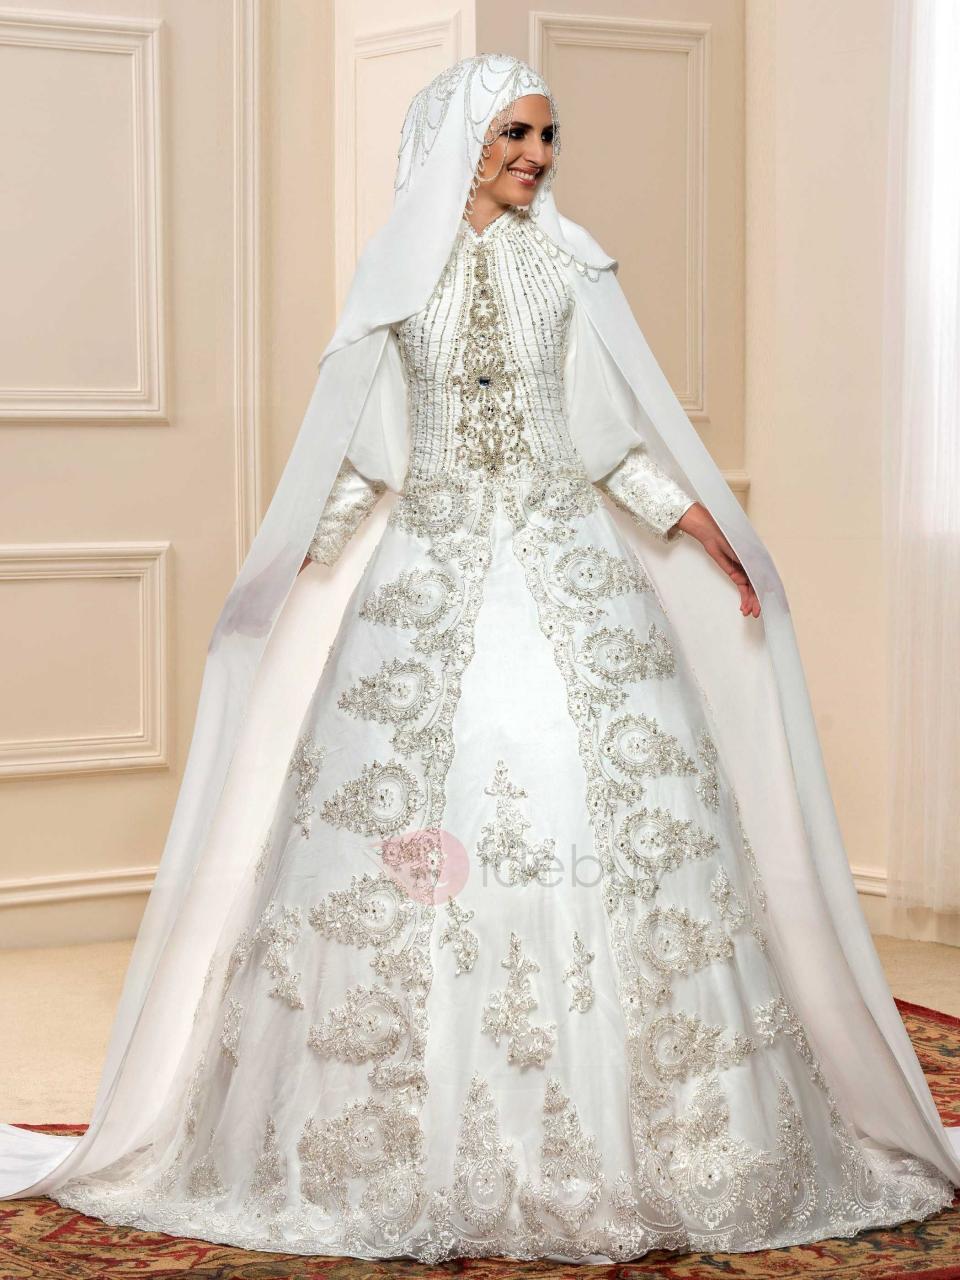 صورة اجمل فساتين الزفاف للمحجبات , عروسة وبتدوري علي فستان فرحك معانا 885 4